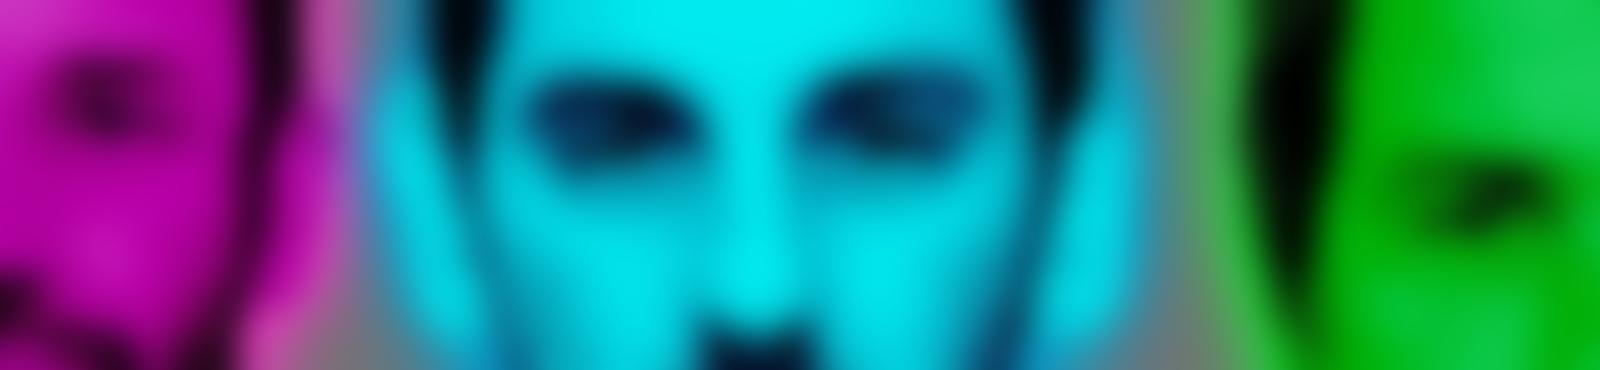 Blurred 2a2213b9 2fb4 4175 b258 108a3d18eff4